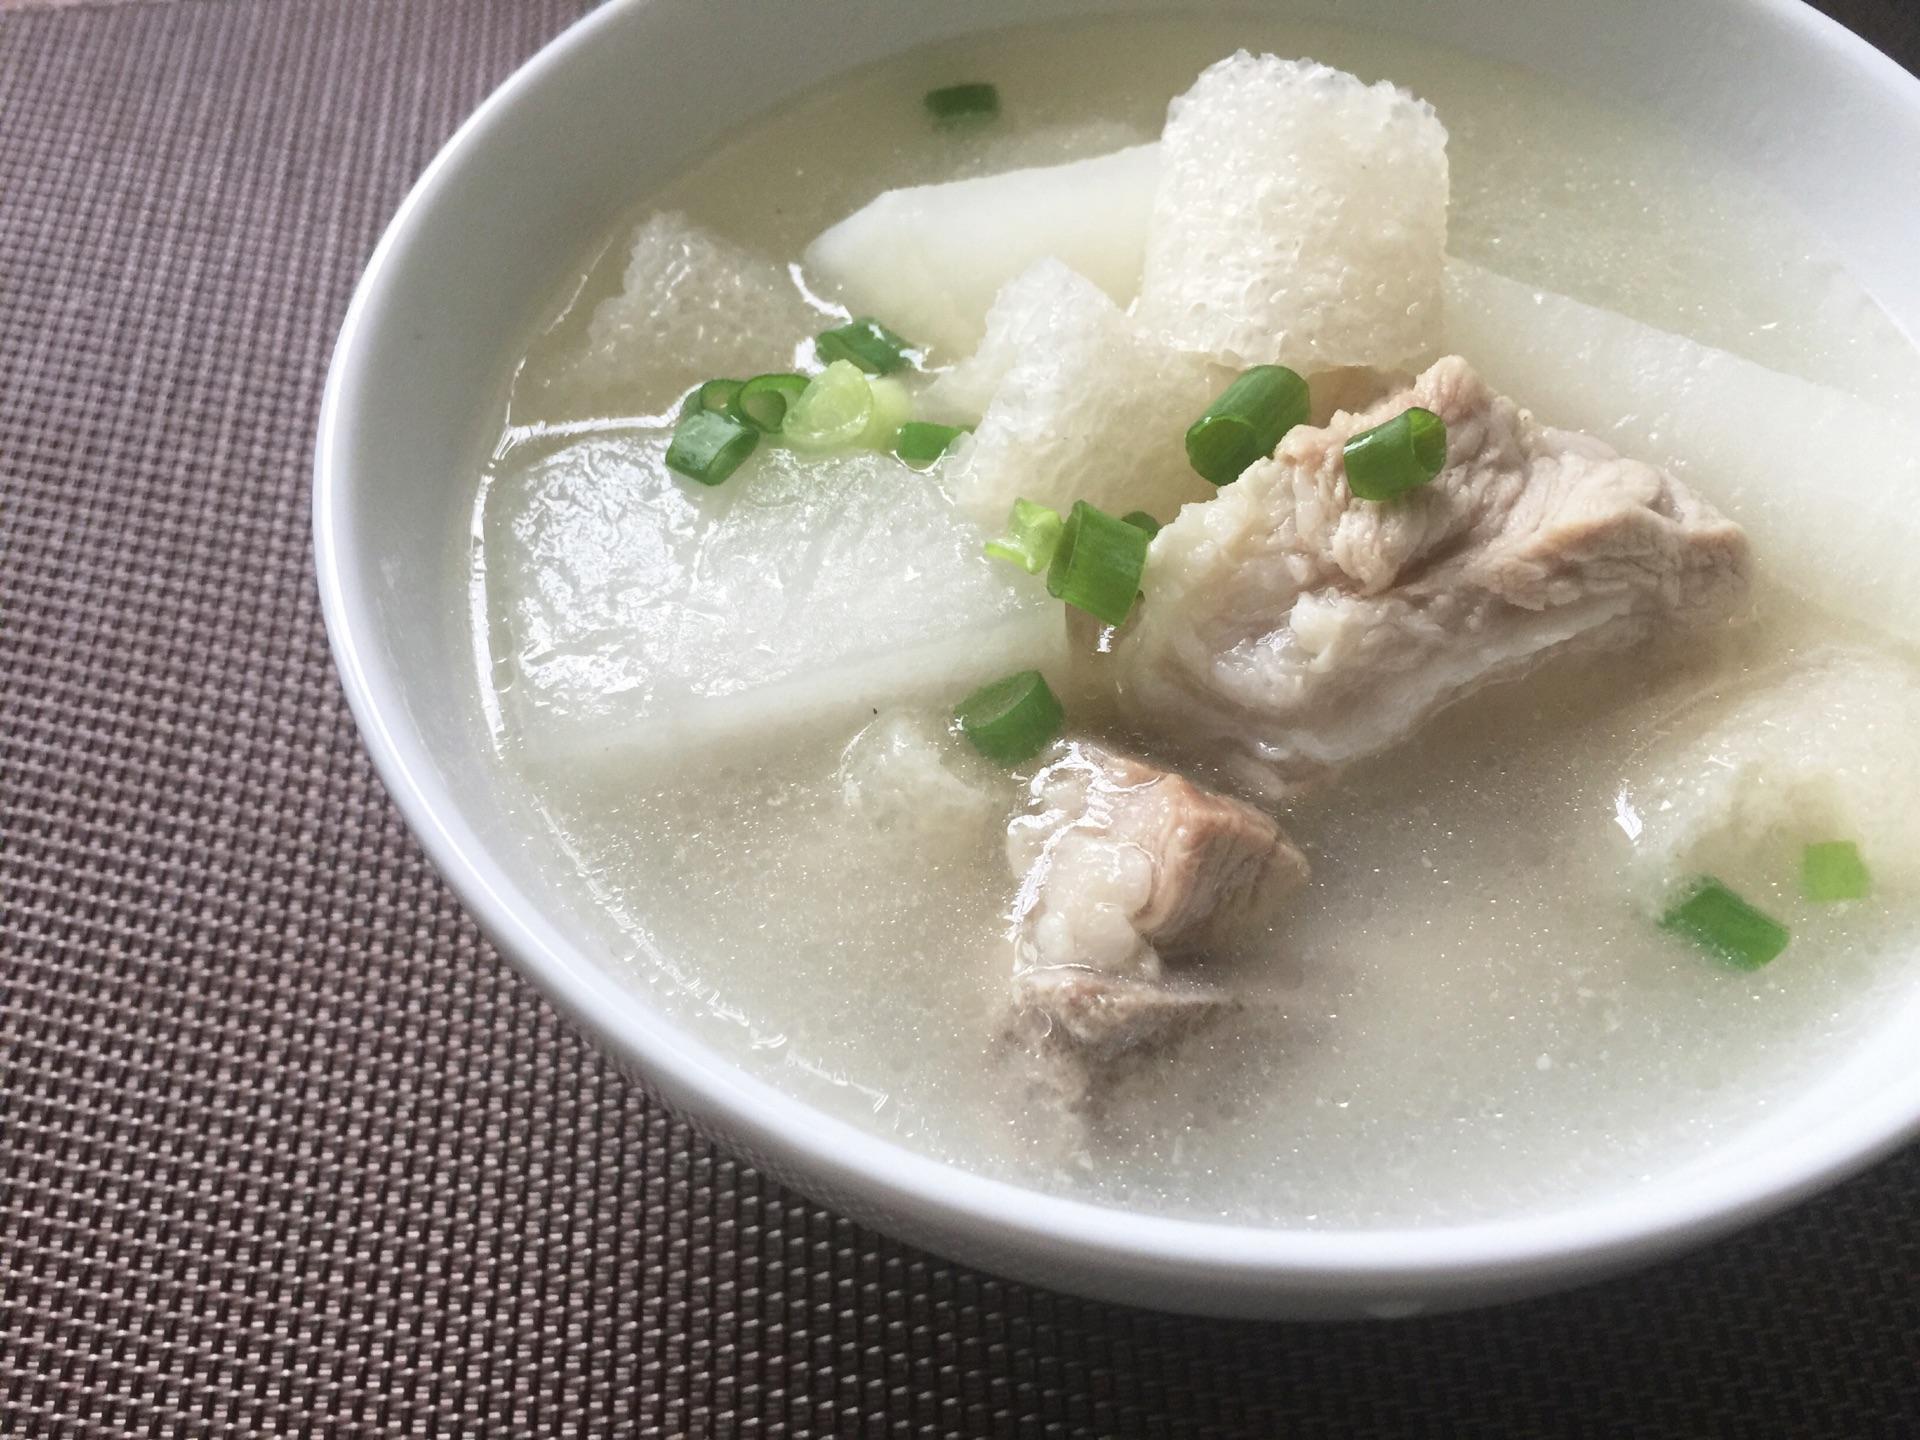 竹荪萝卜排骨汤的做法图解7